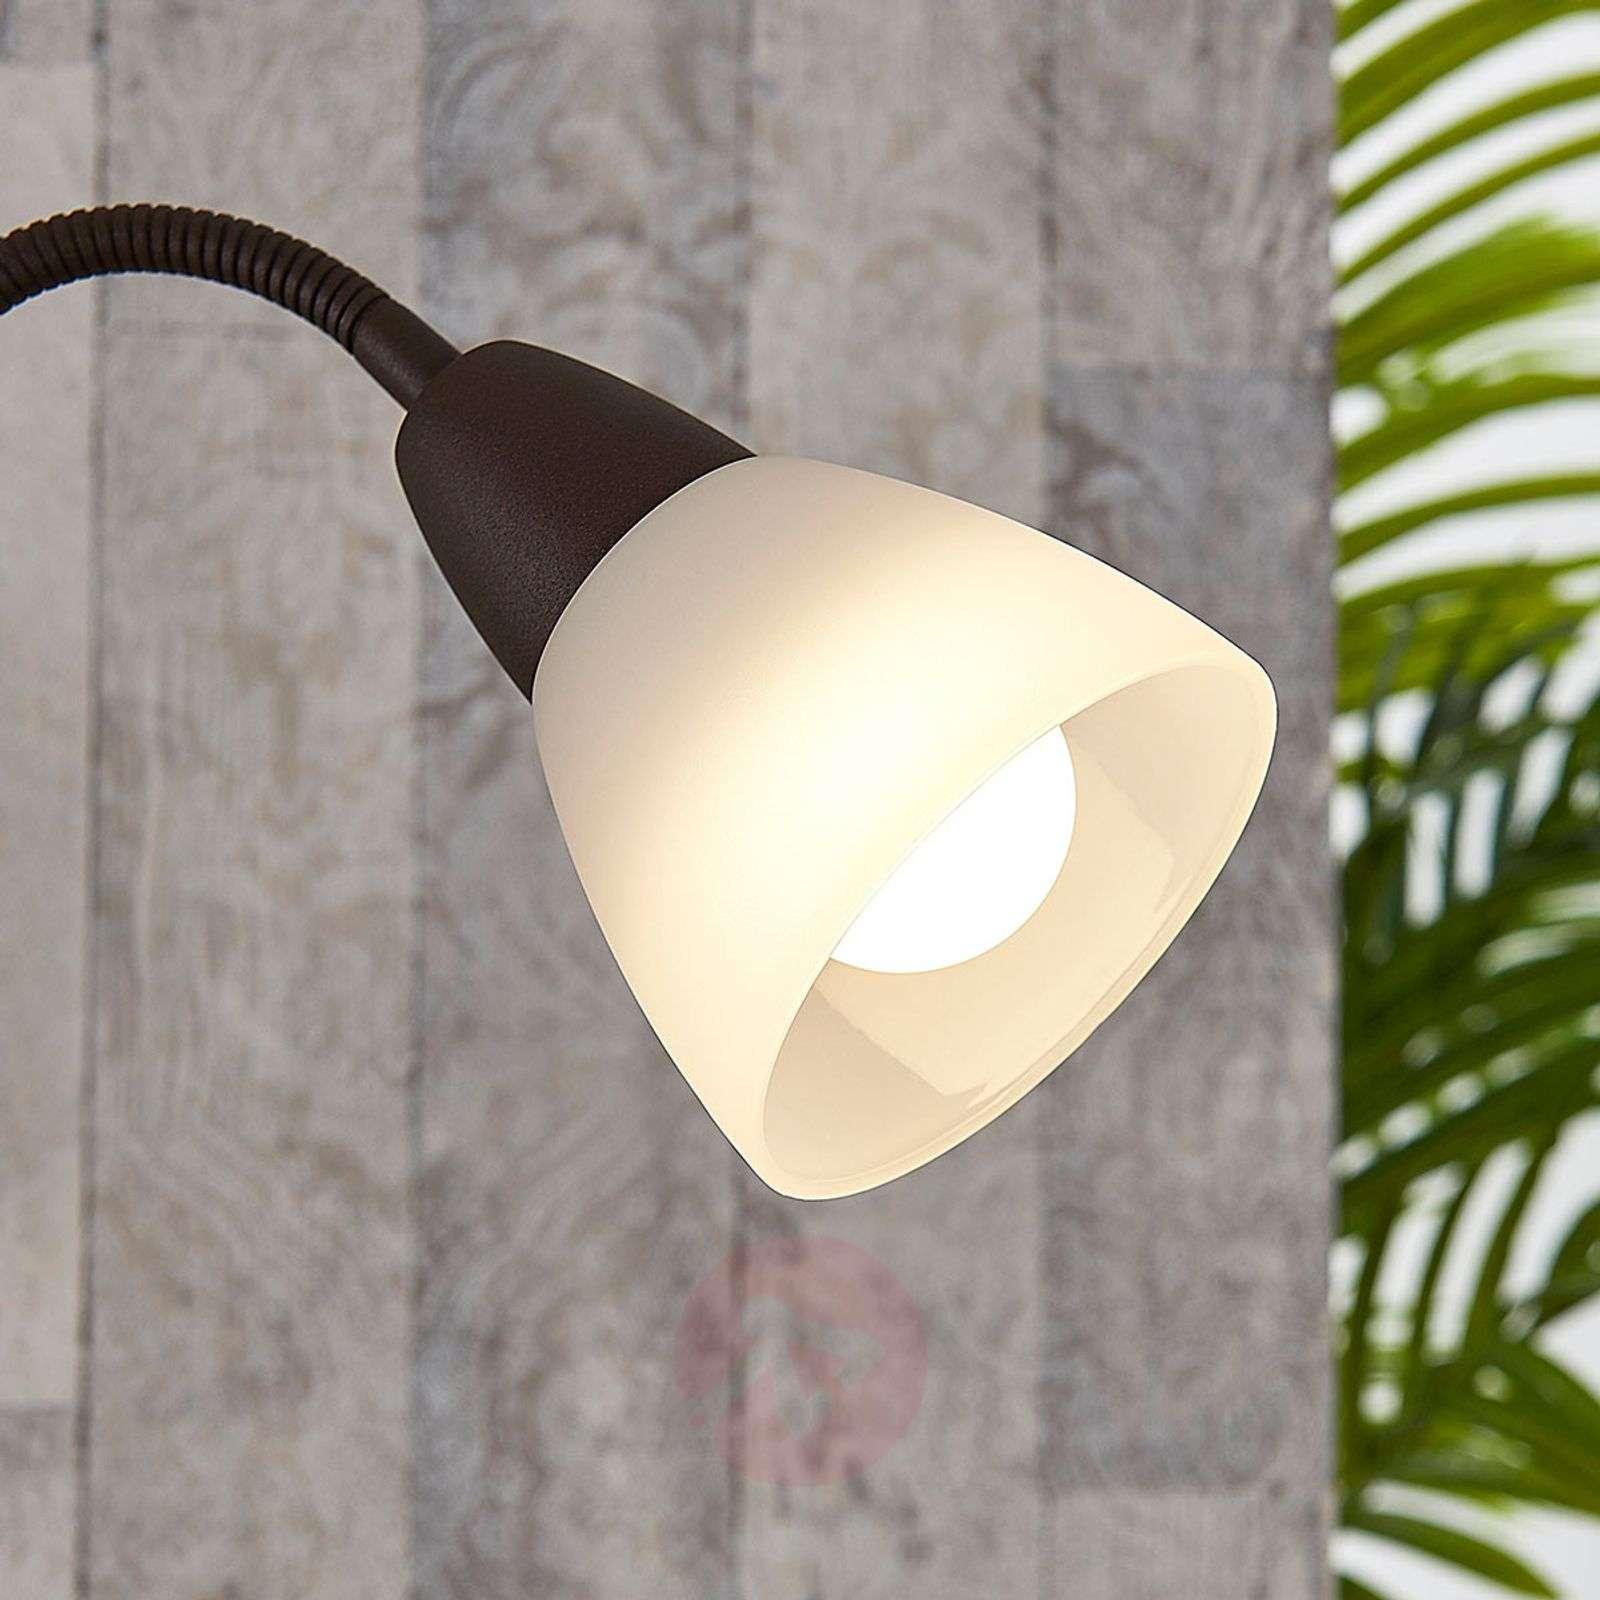 Ruosteenvärinen, LED-lattiavalaisin lisälukuvalo-9621316-02